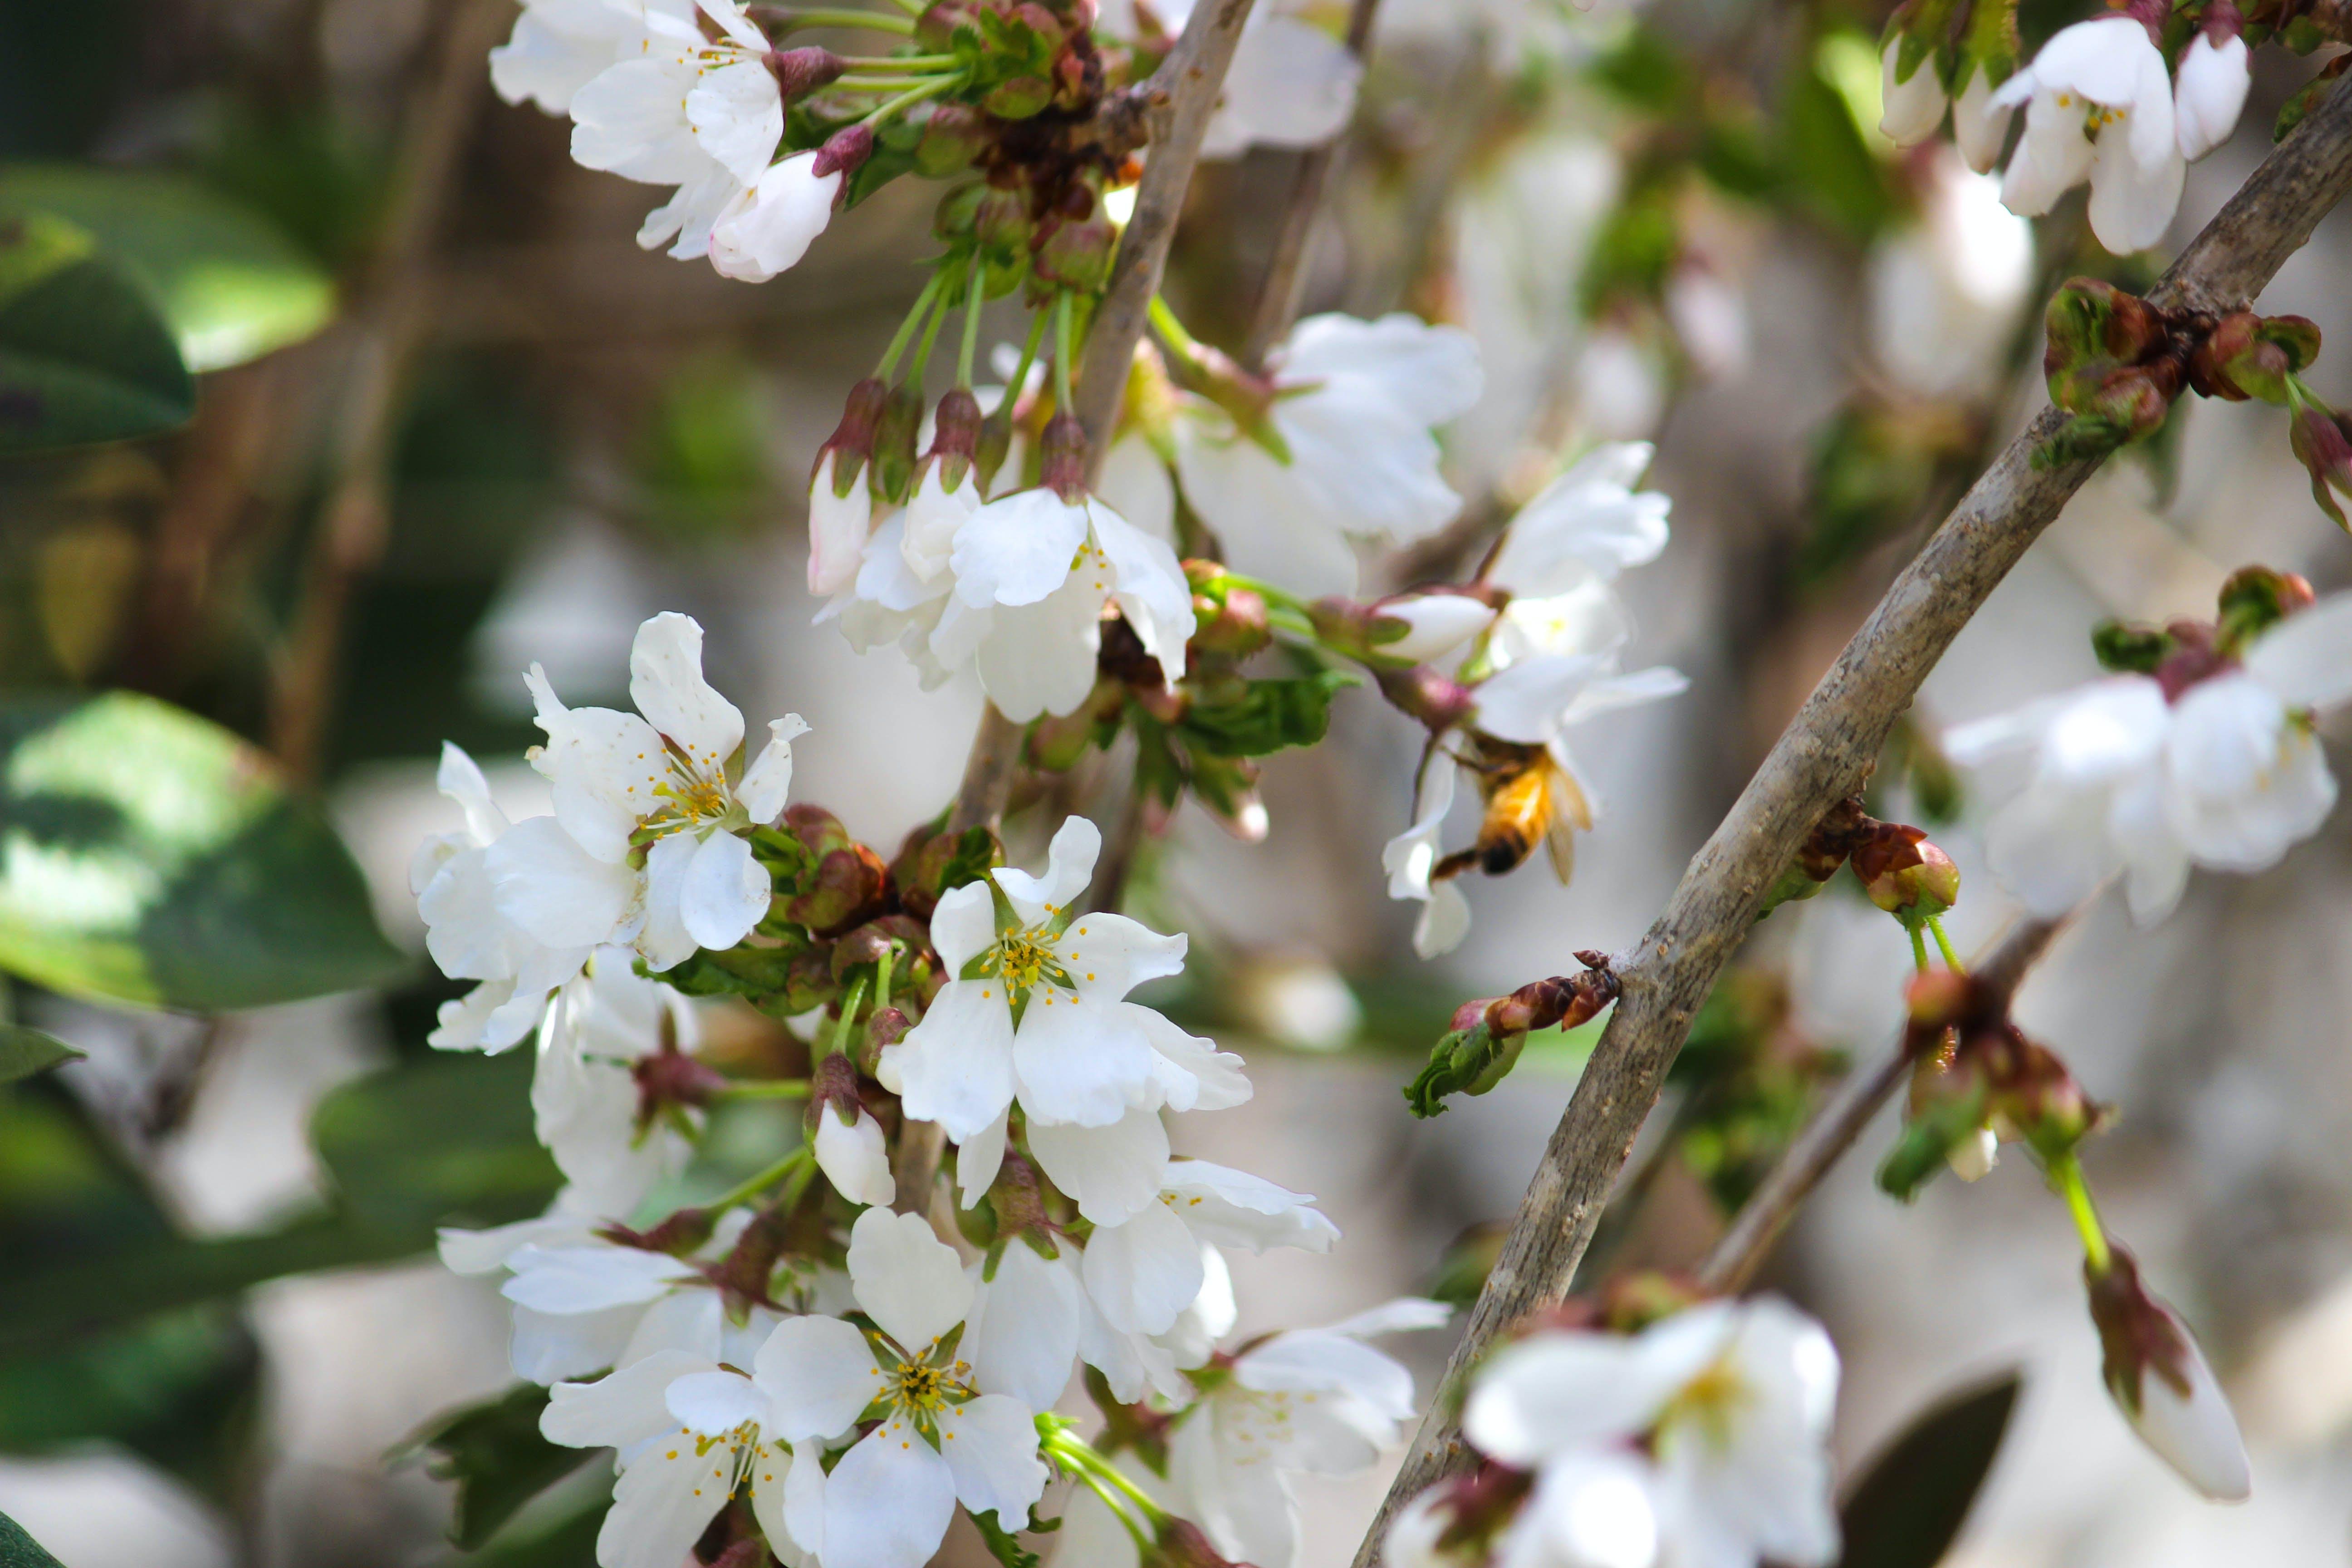 Δωρεάν στοκ φωτογραφιών με ανθοφόρος θάμνος, γύρη, μέλισσα